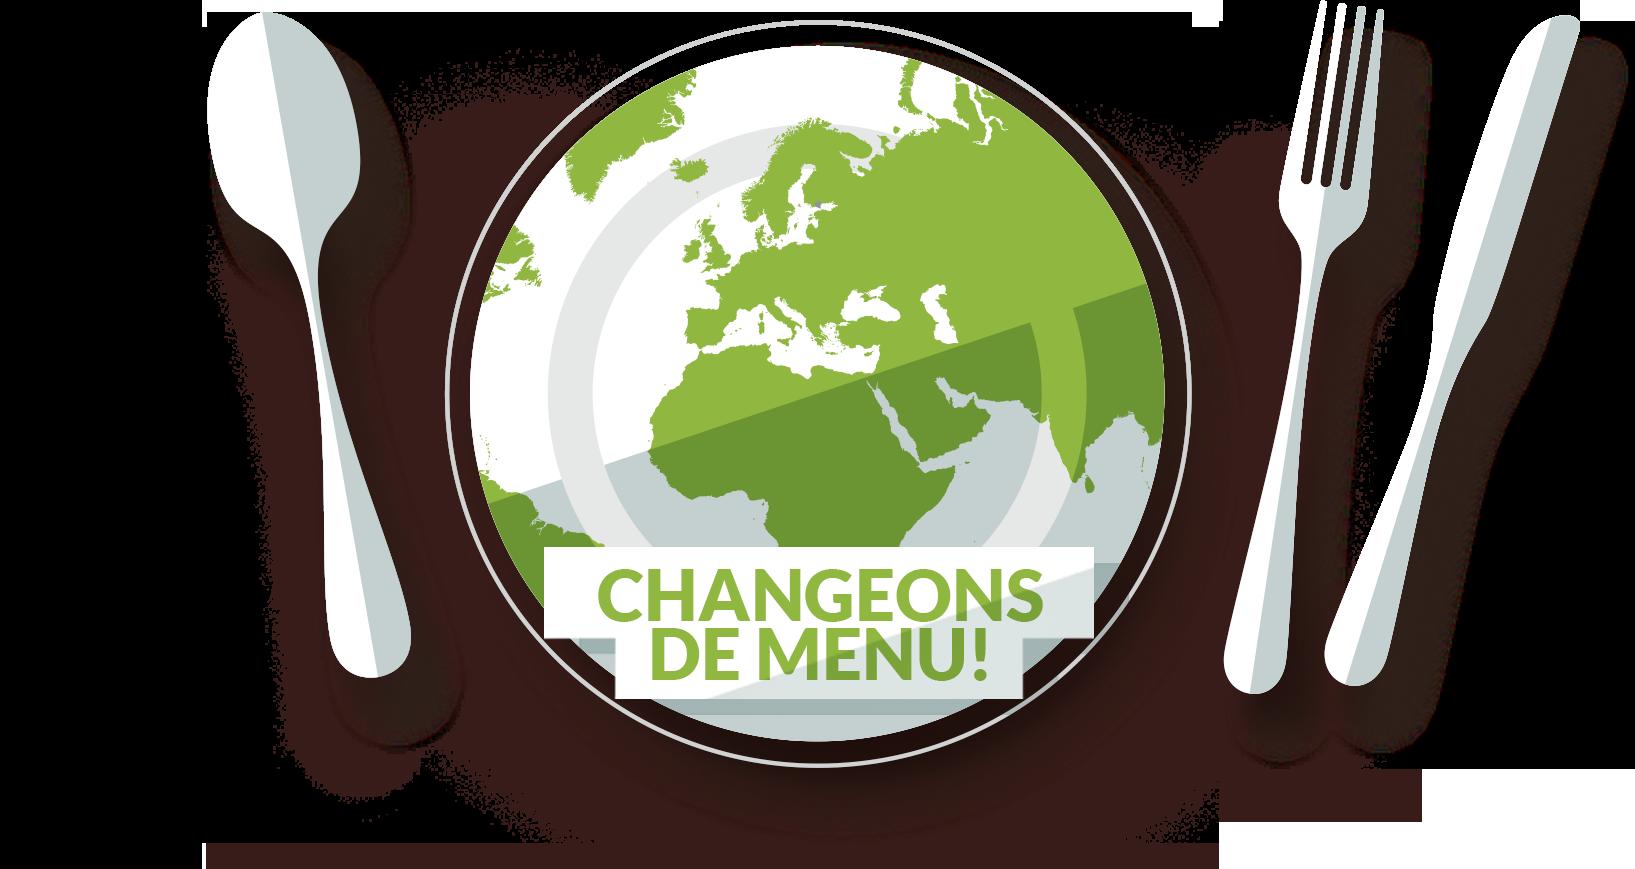 Changeons de menu